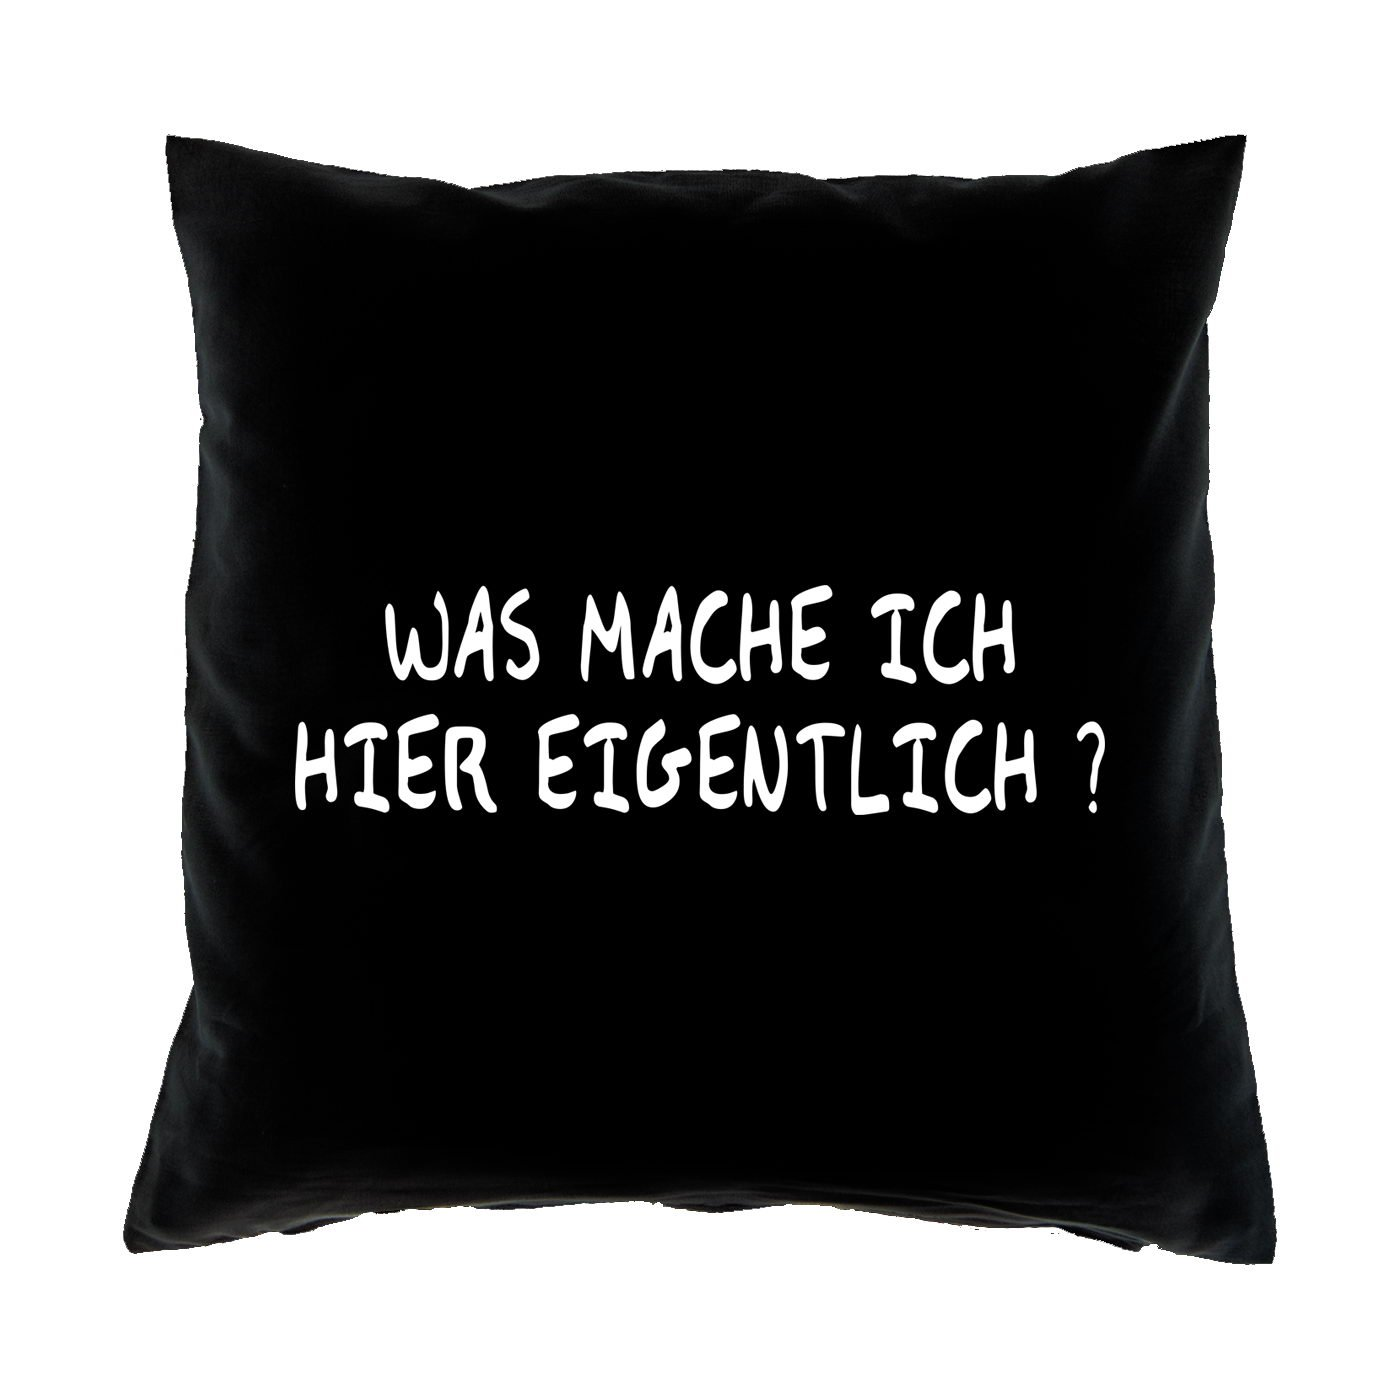 Sofa Fun Kissen mit Füllung - Motiv: Was mache ich eigentlich hier? - cooles lustiges Geschenk Couchkissen Sofakissen Dekokissen Geburtstag Weihnachten